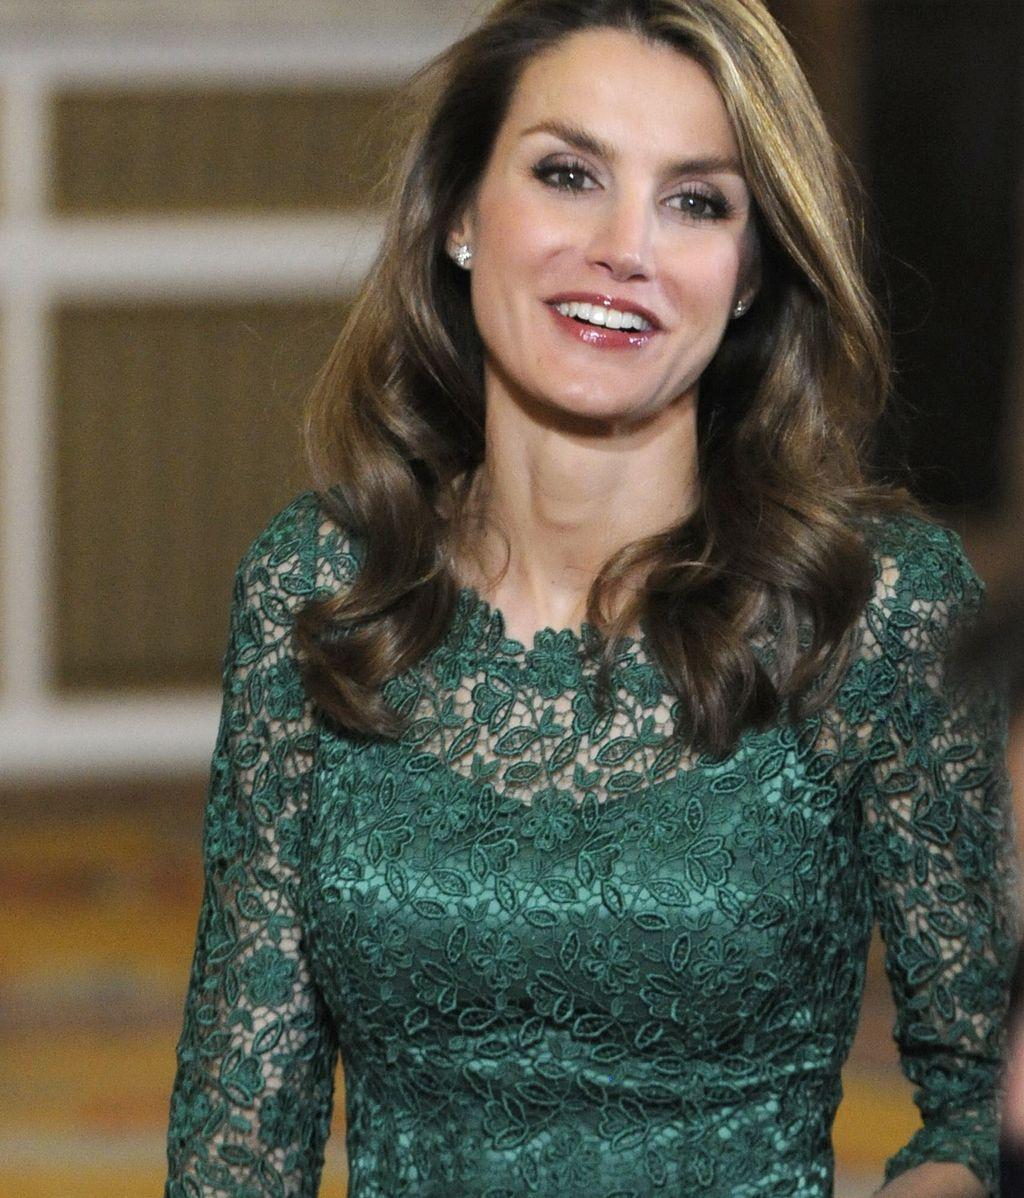 La princesa de Asturias cumple 41 años